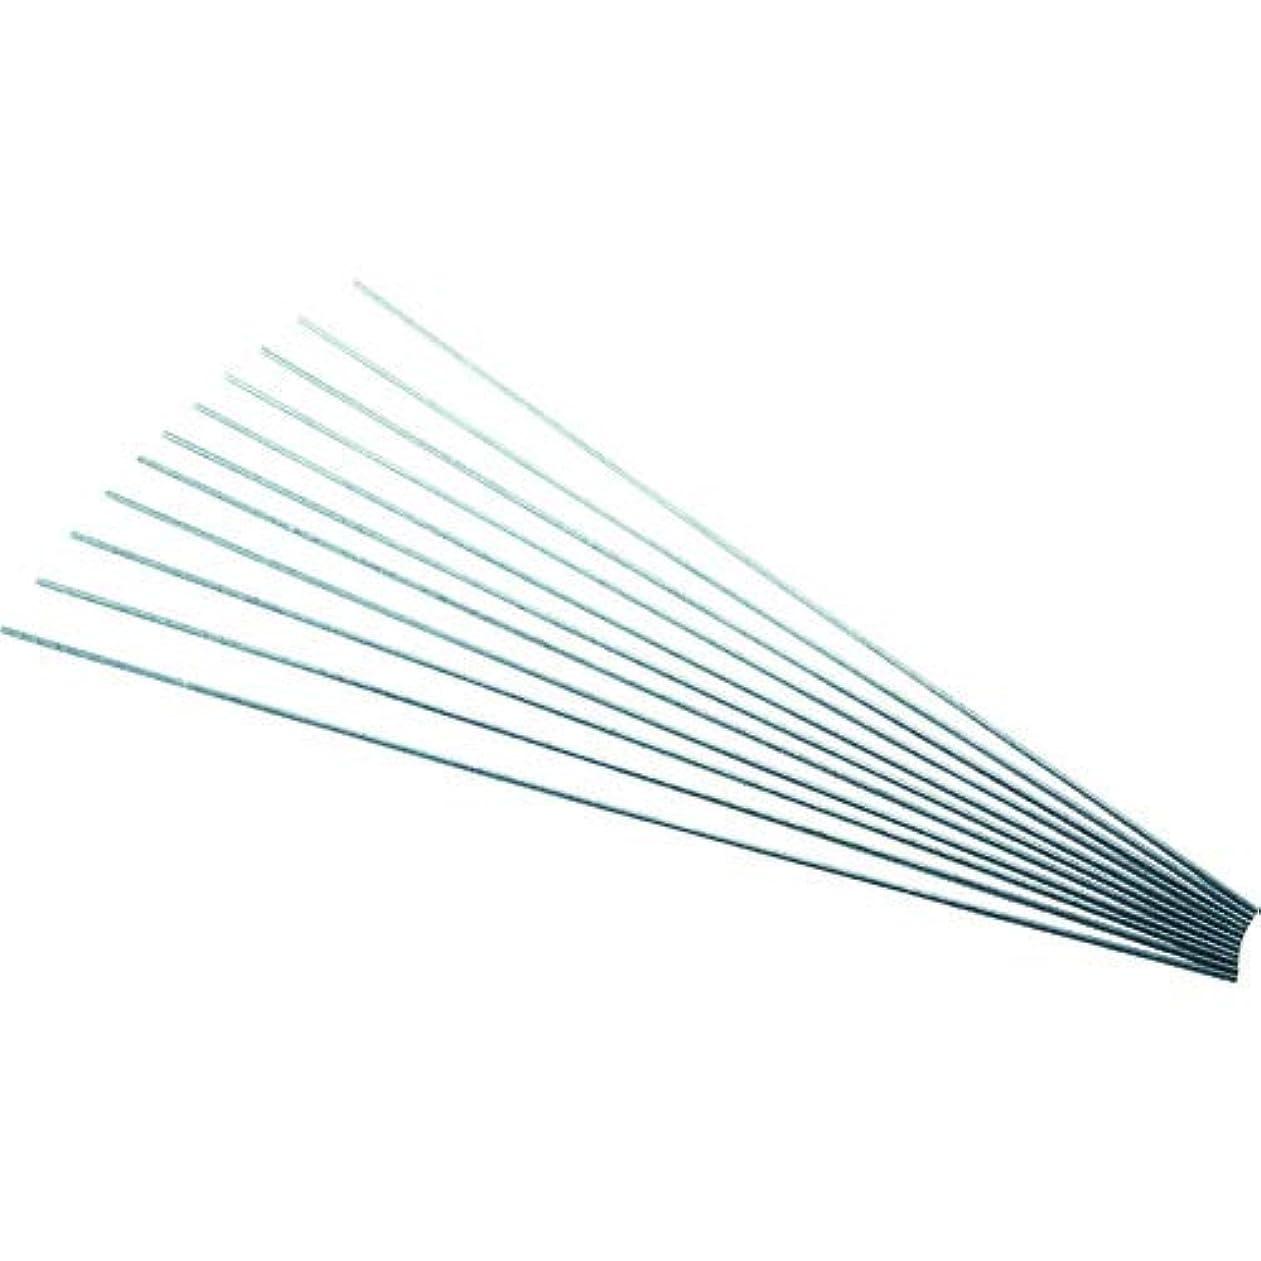 アドバイス前提条件すばらしいですTRUSCO(トラスコ) ステンレスTIG溶接棒309L 心線径1.2mm 棒長500mm TST309L-121